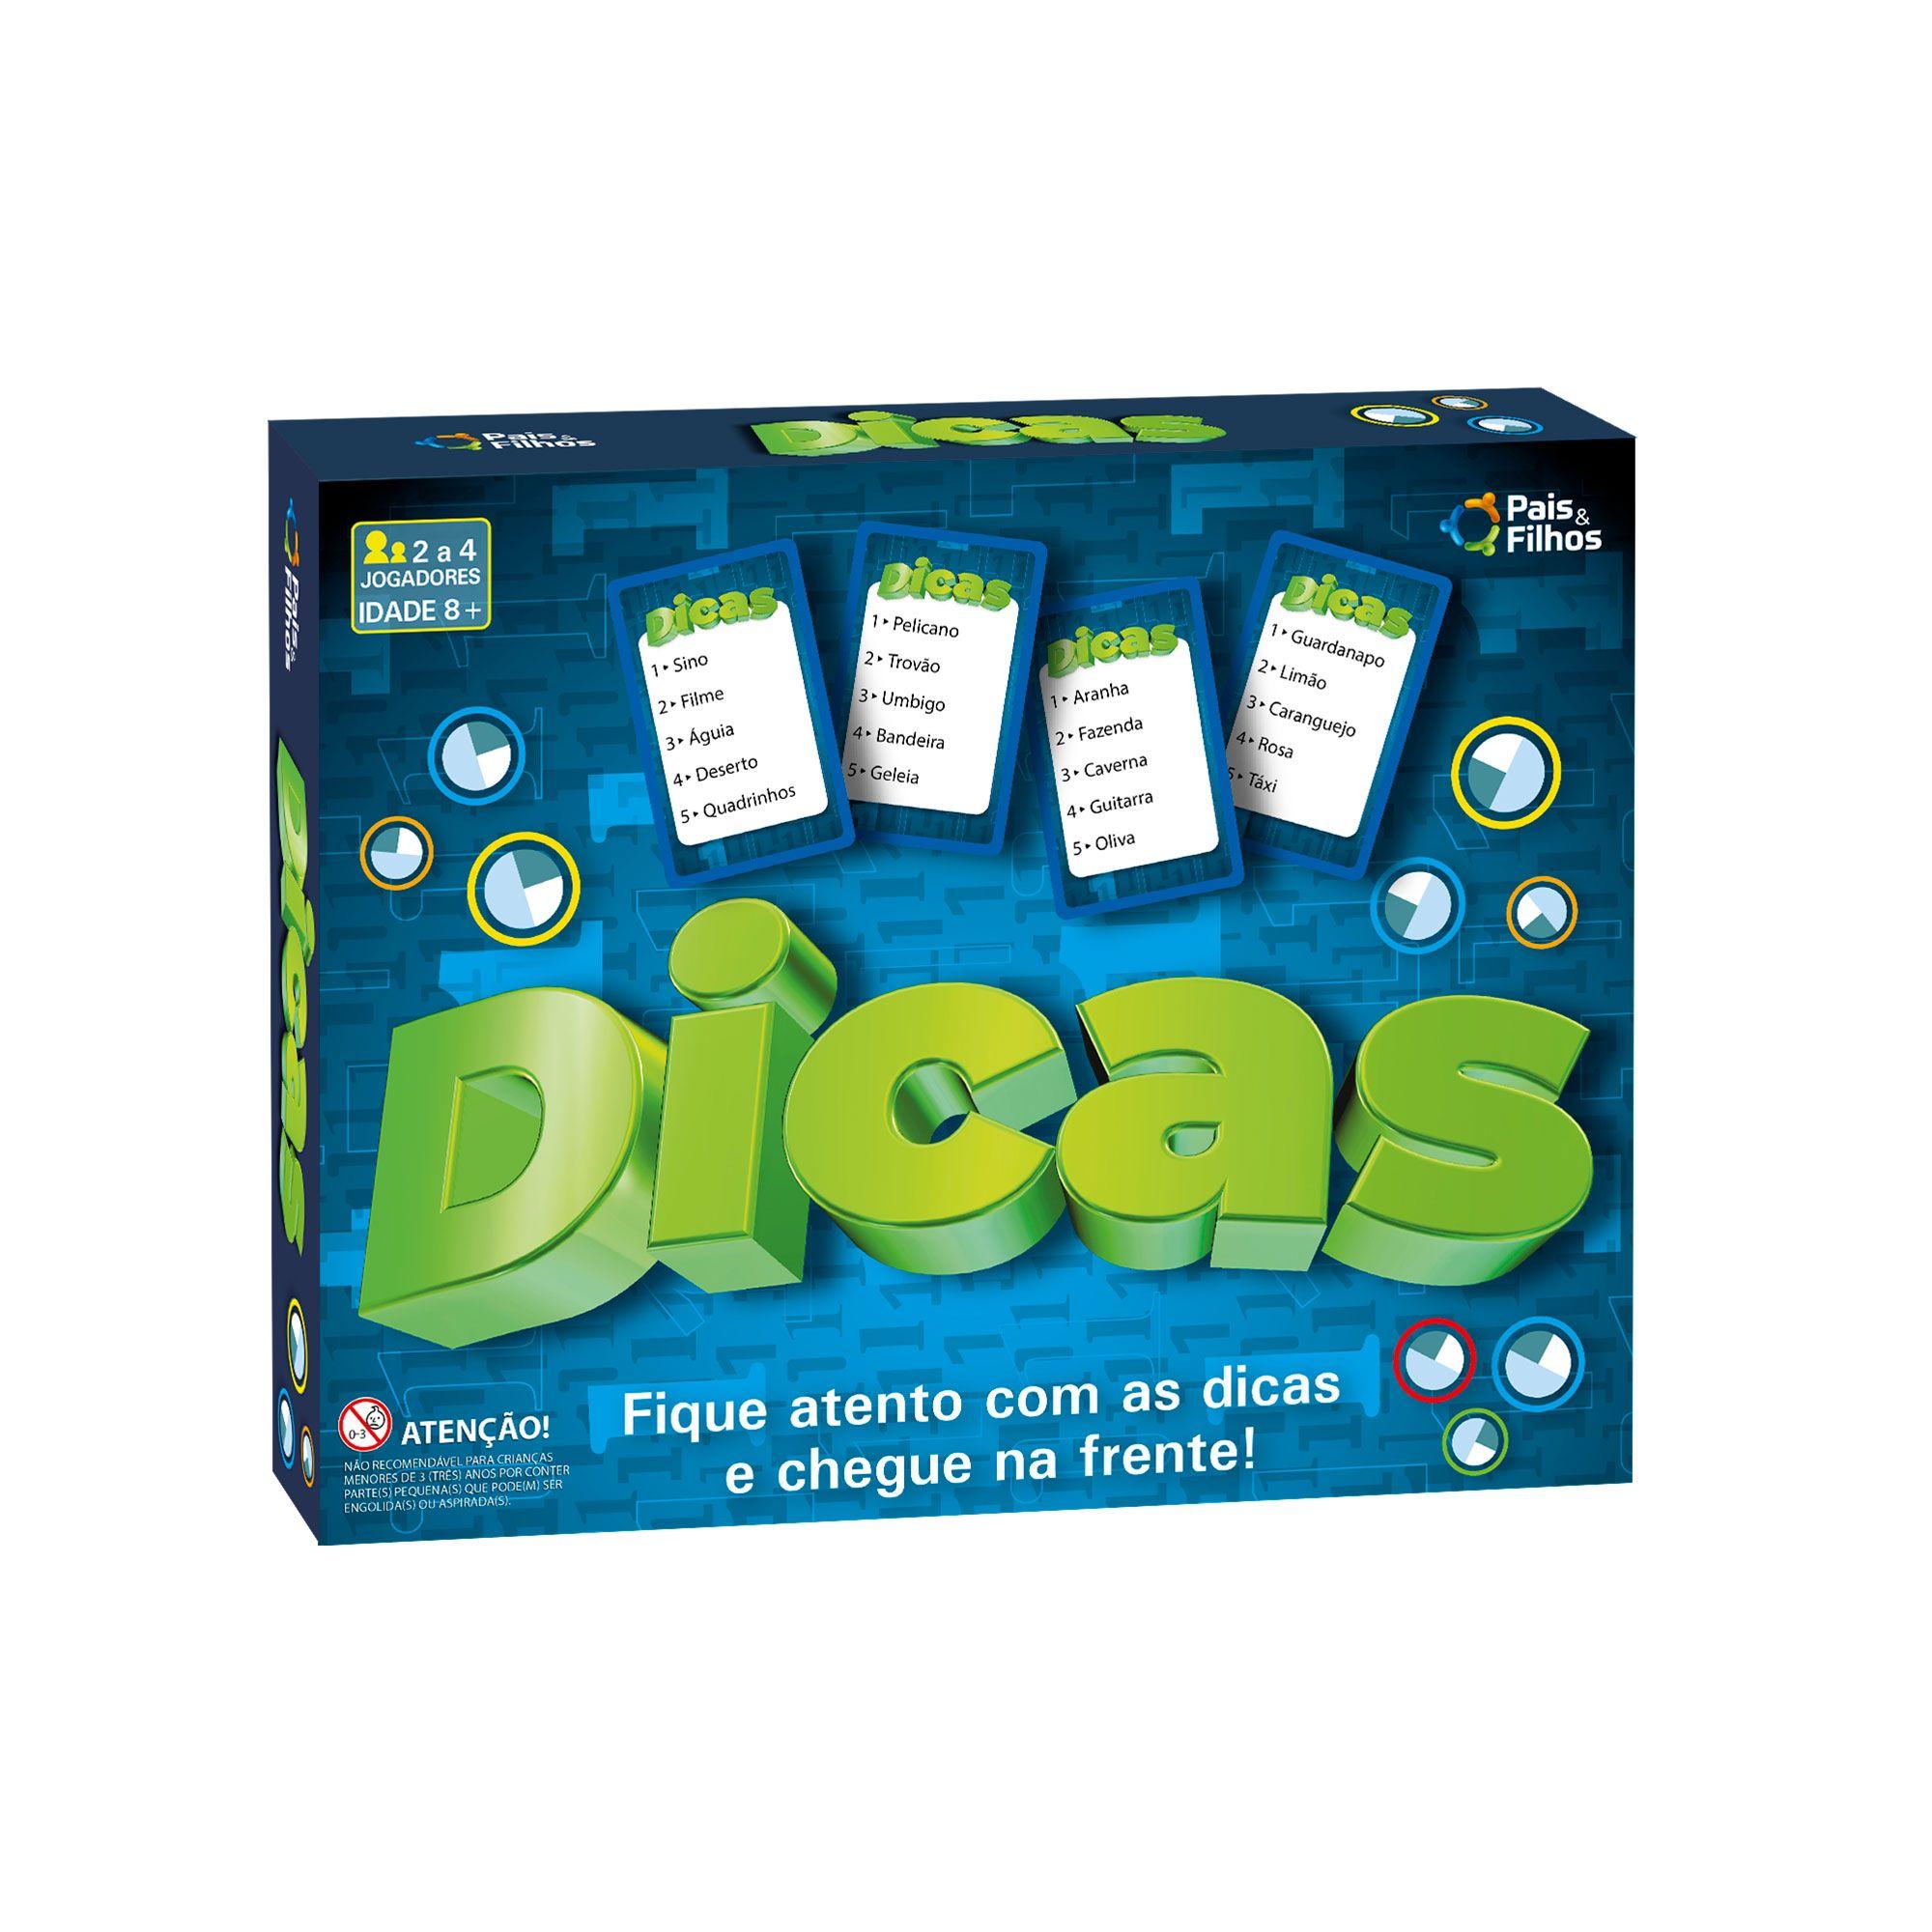 Dicas-0986